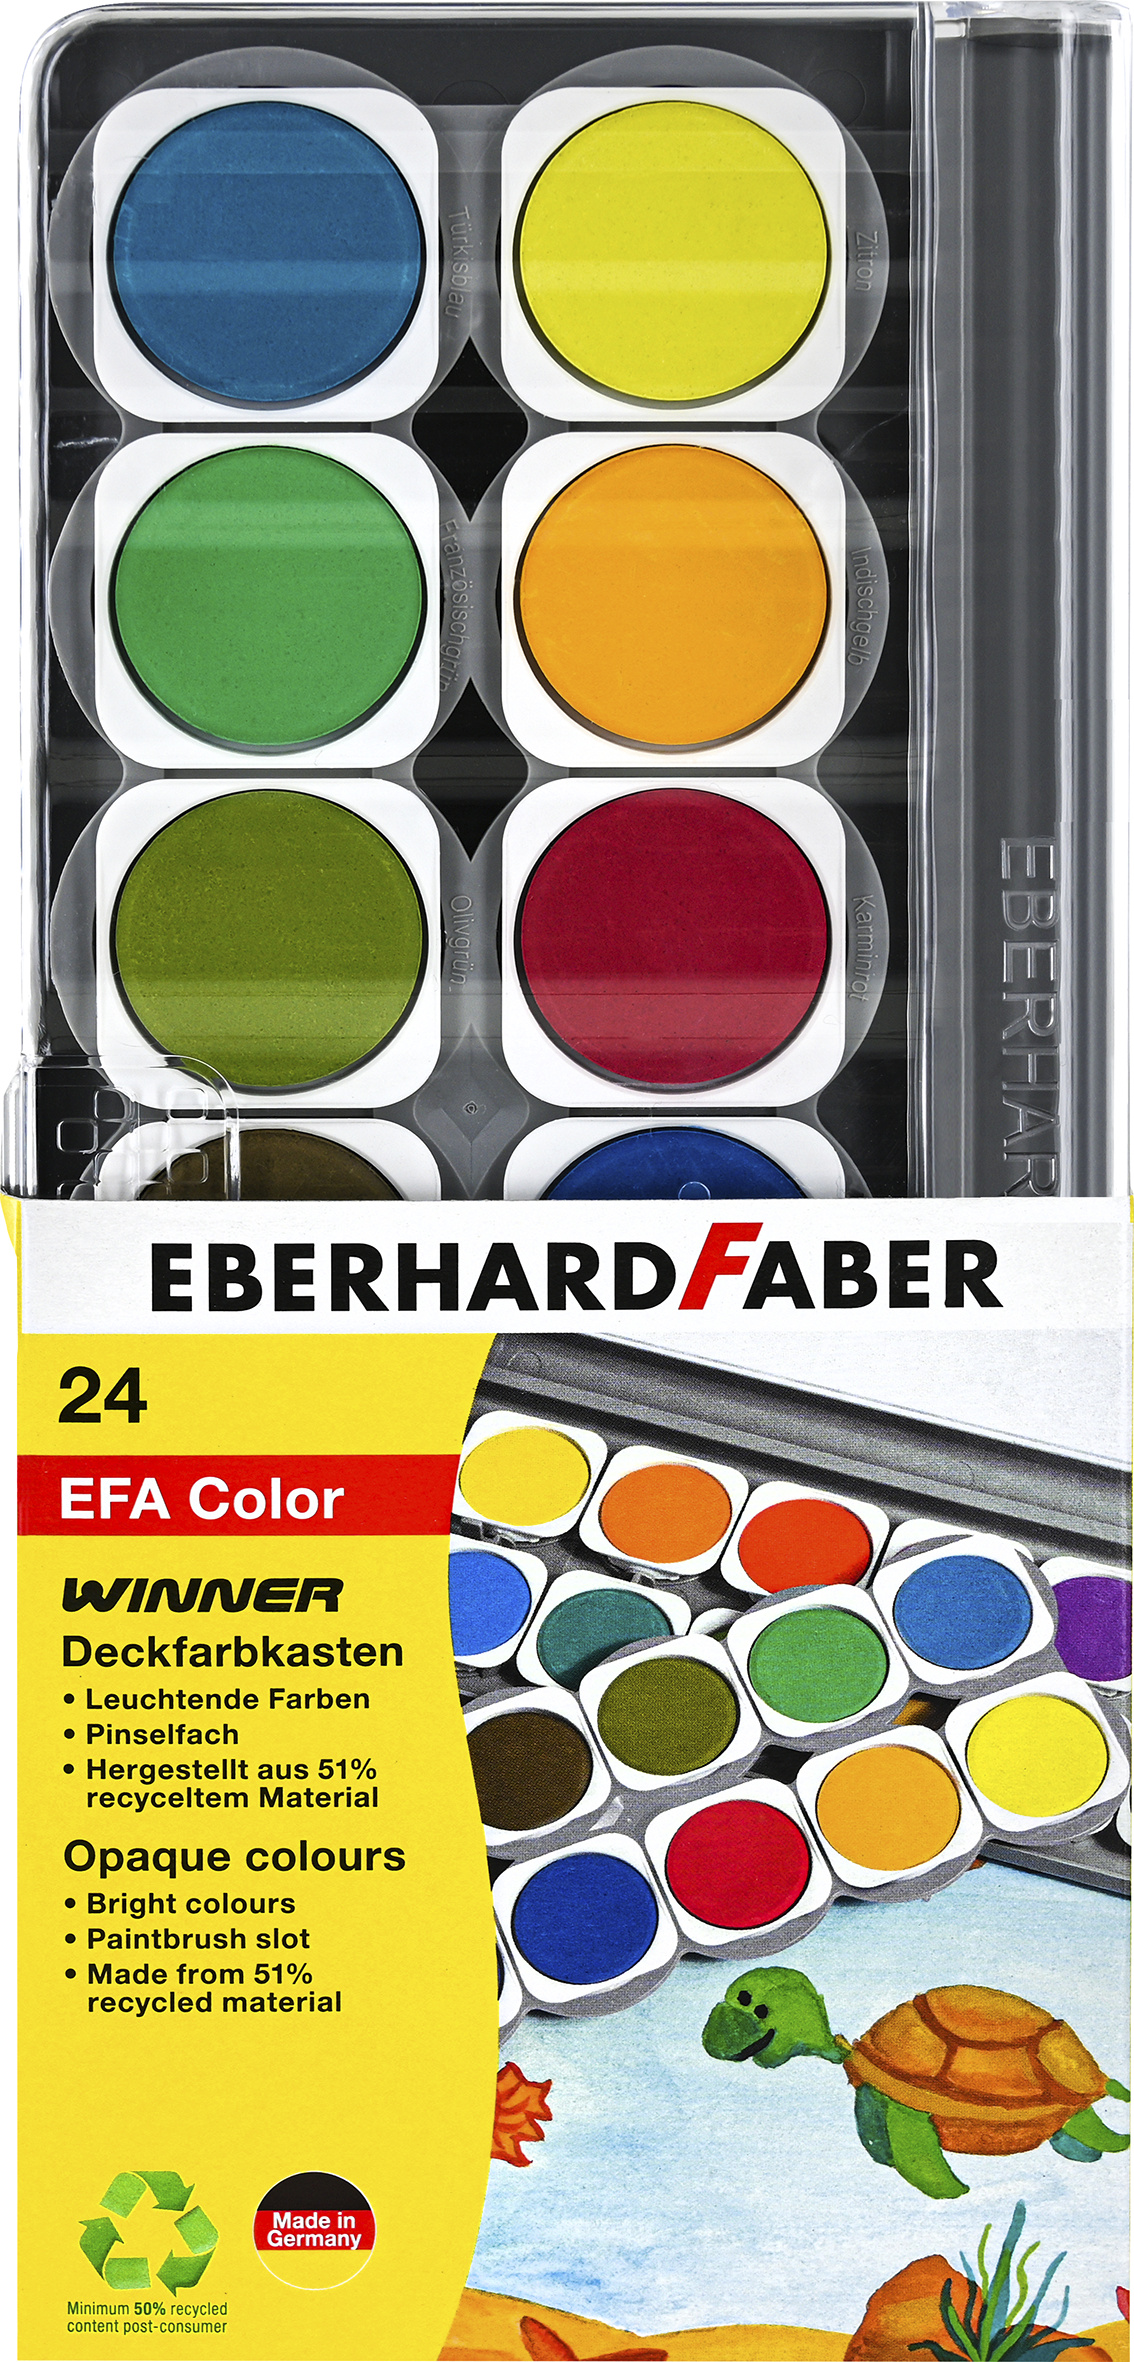 EberhardFarber Deckfarbkasten/Malkasten WINNER 24er